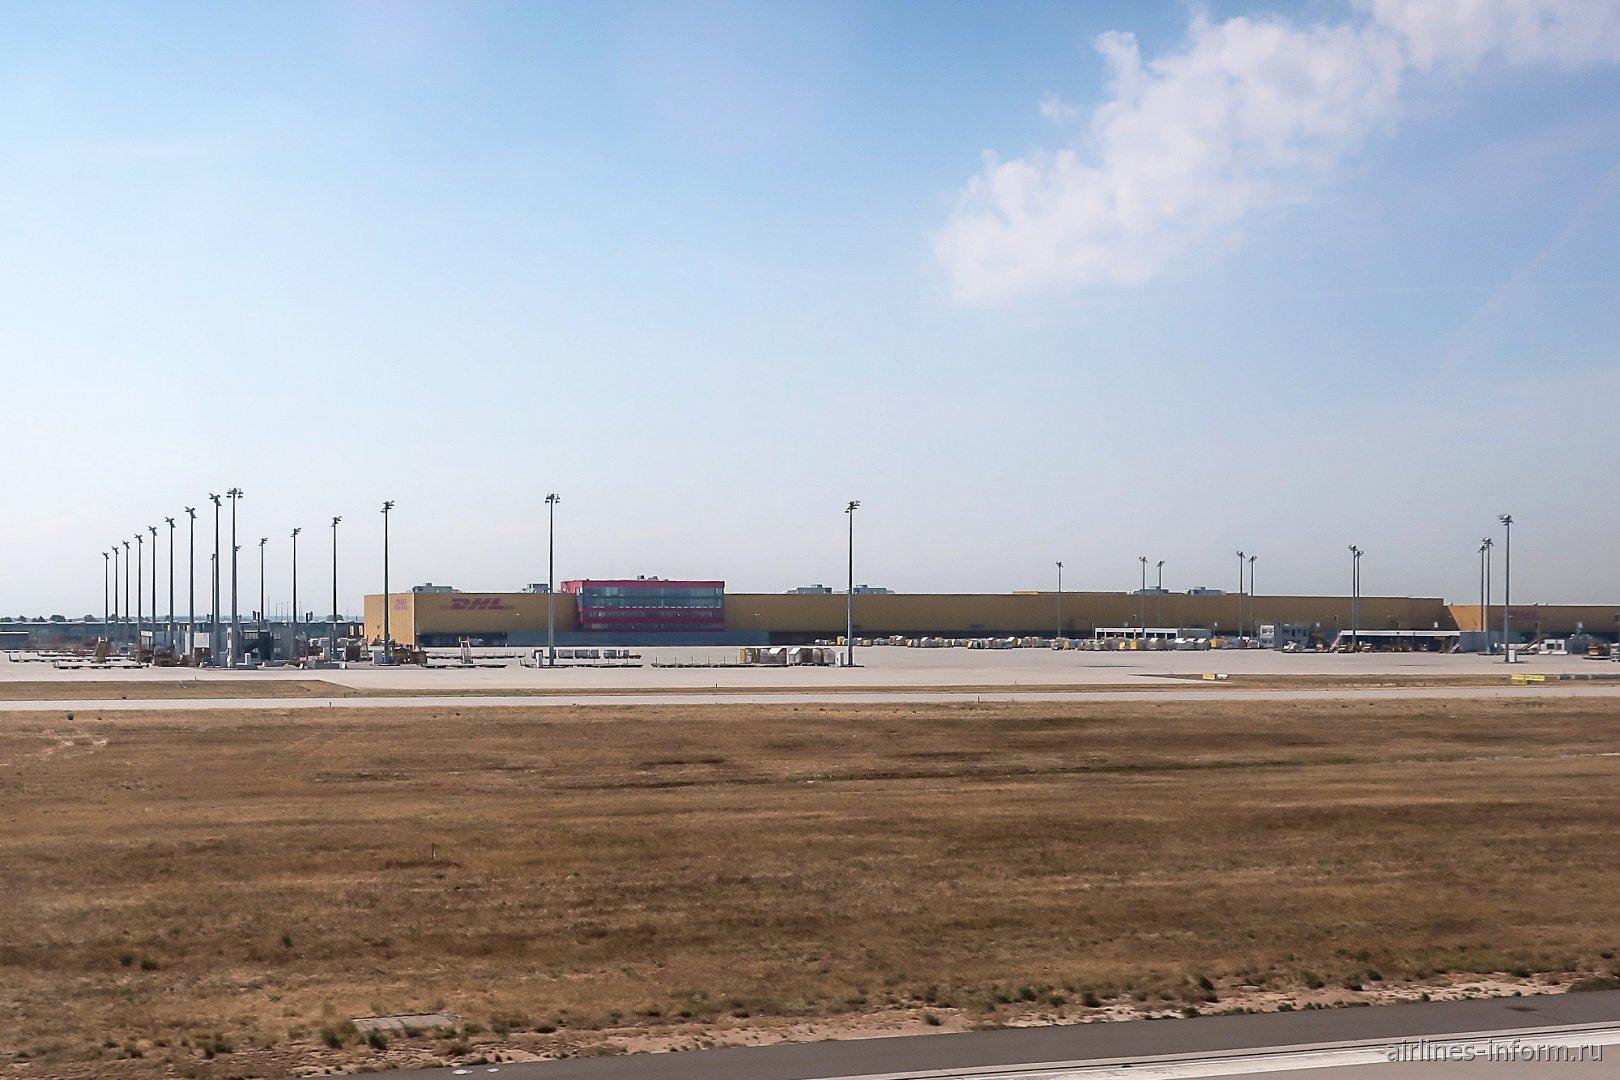 Сортировочный центр DHL в аэропорту Лейпциг-Галле